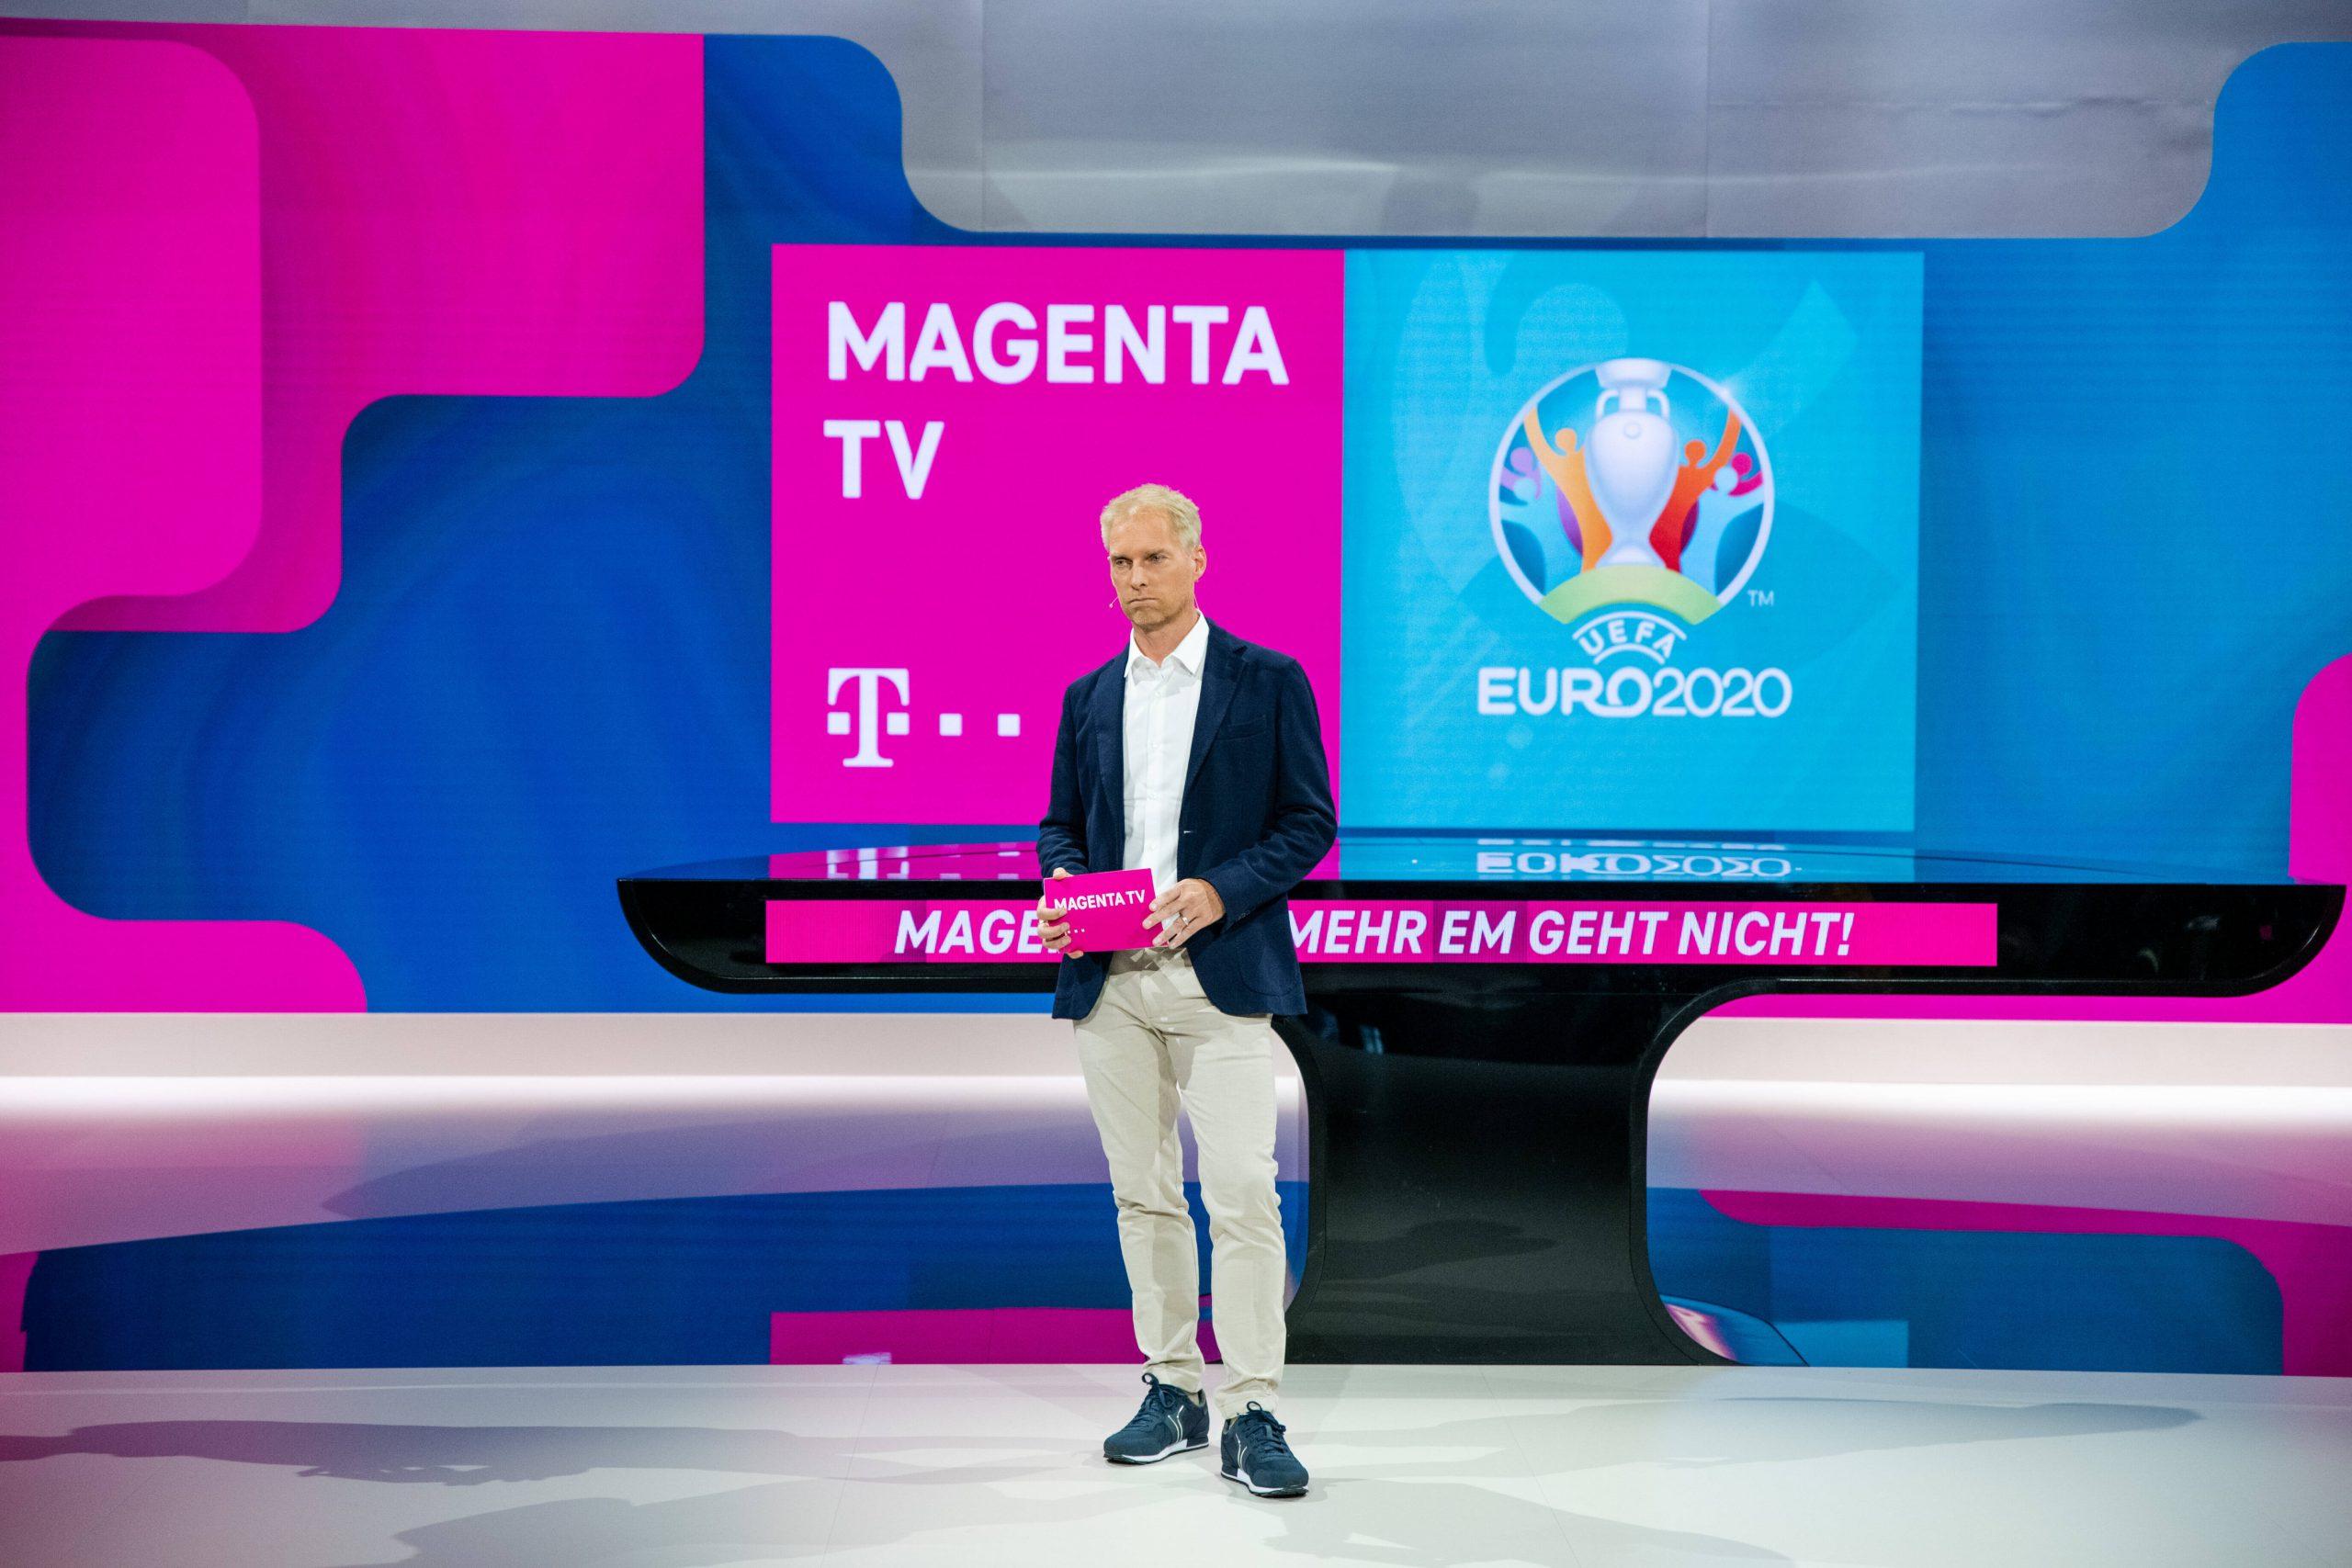 Jan Henkel im EM-Studio für MagentaTV